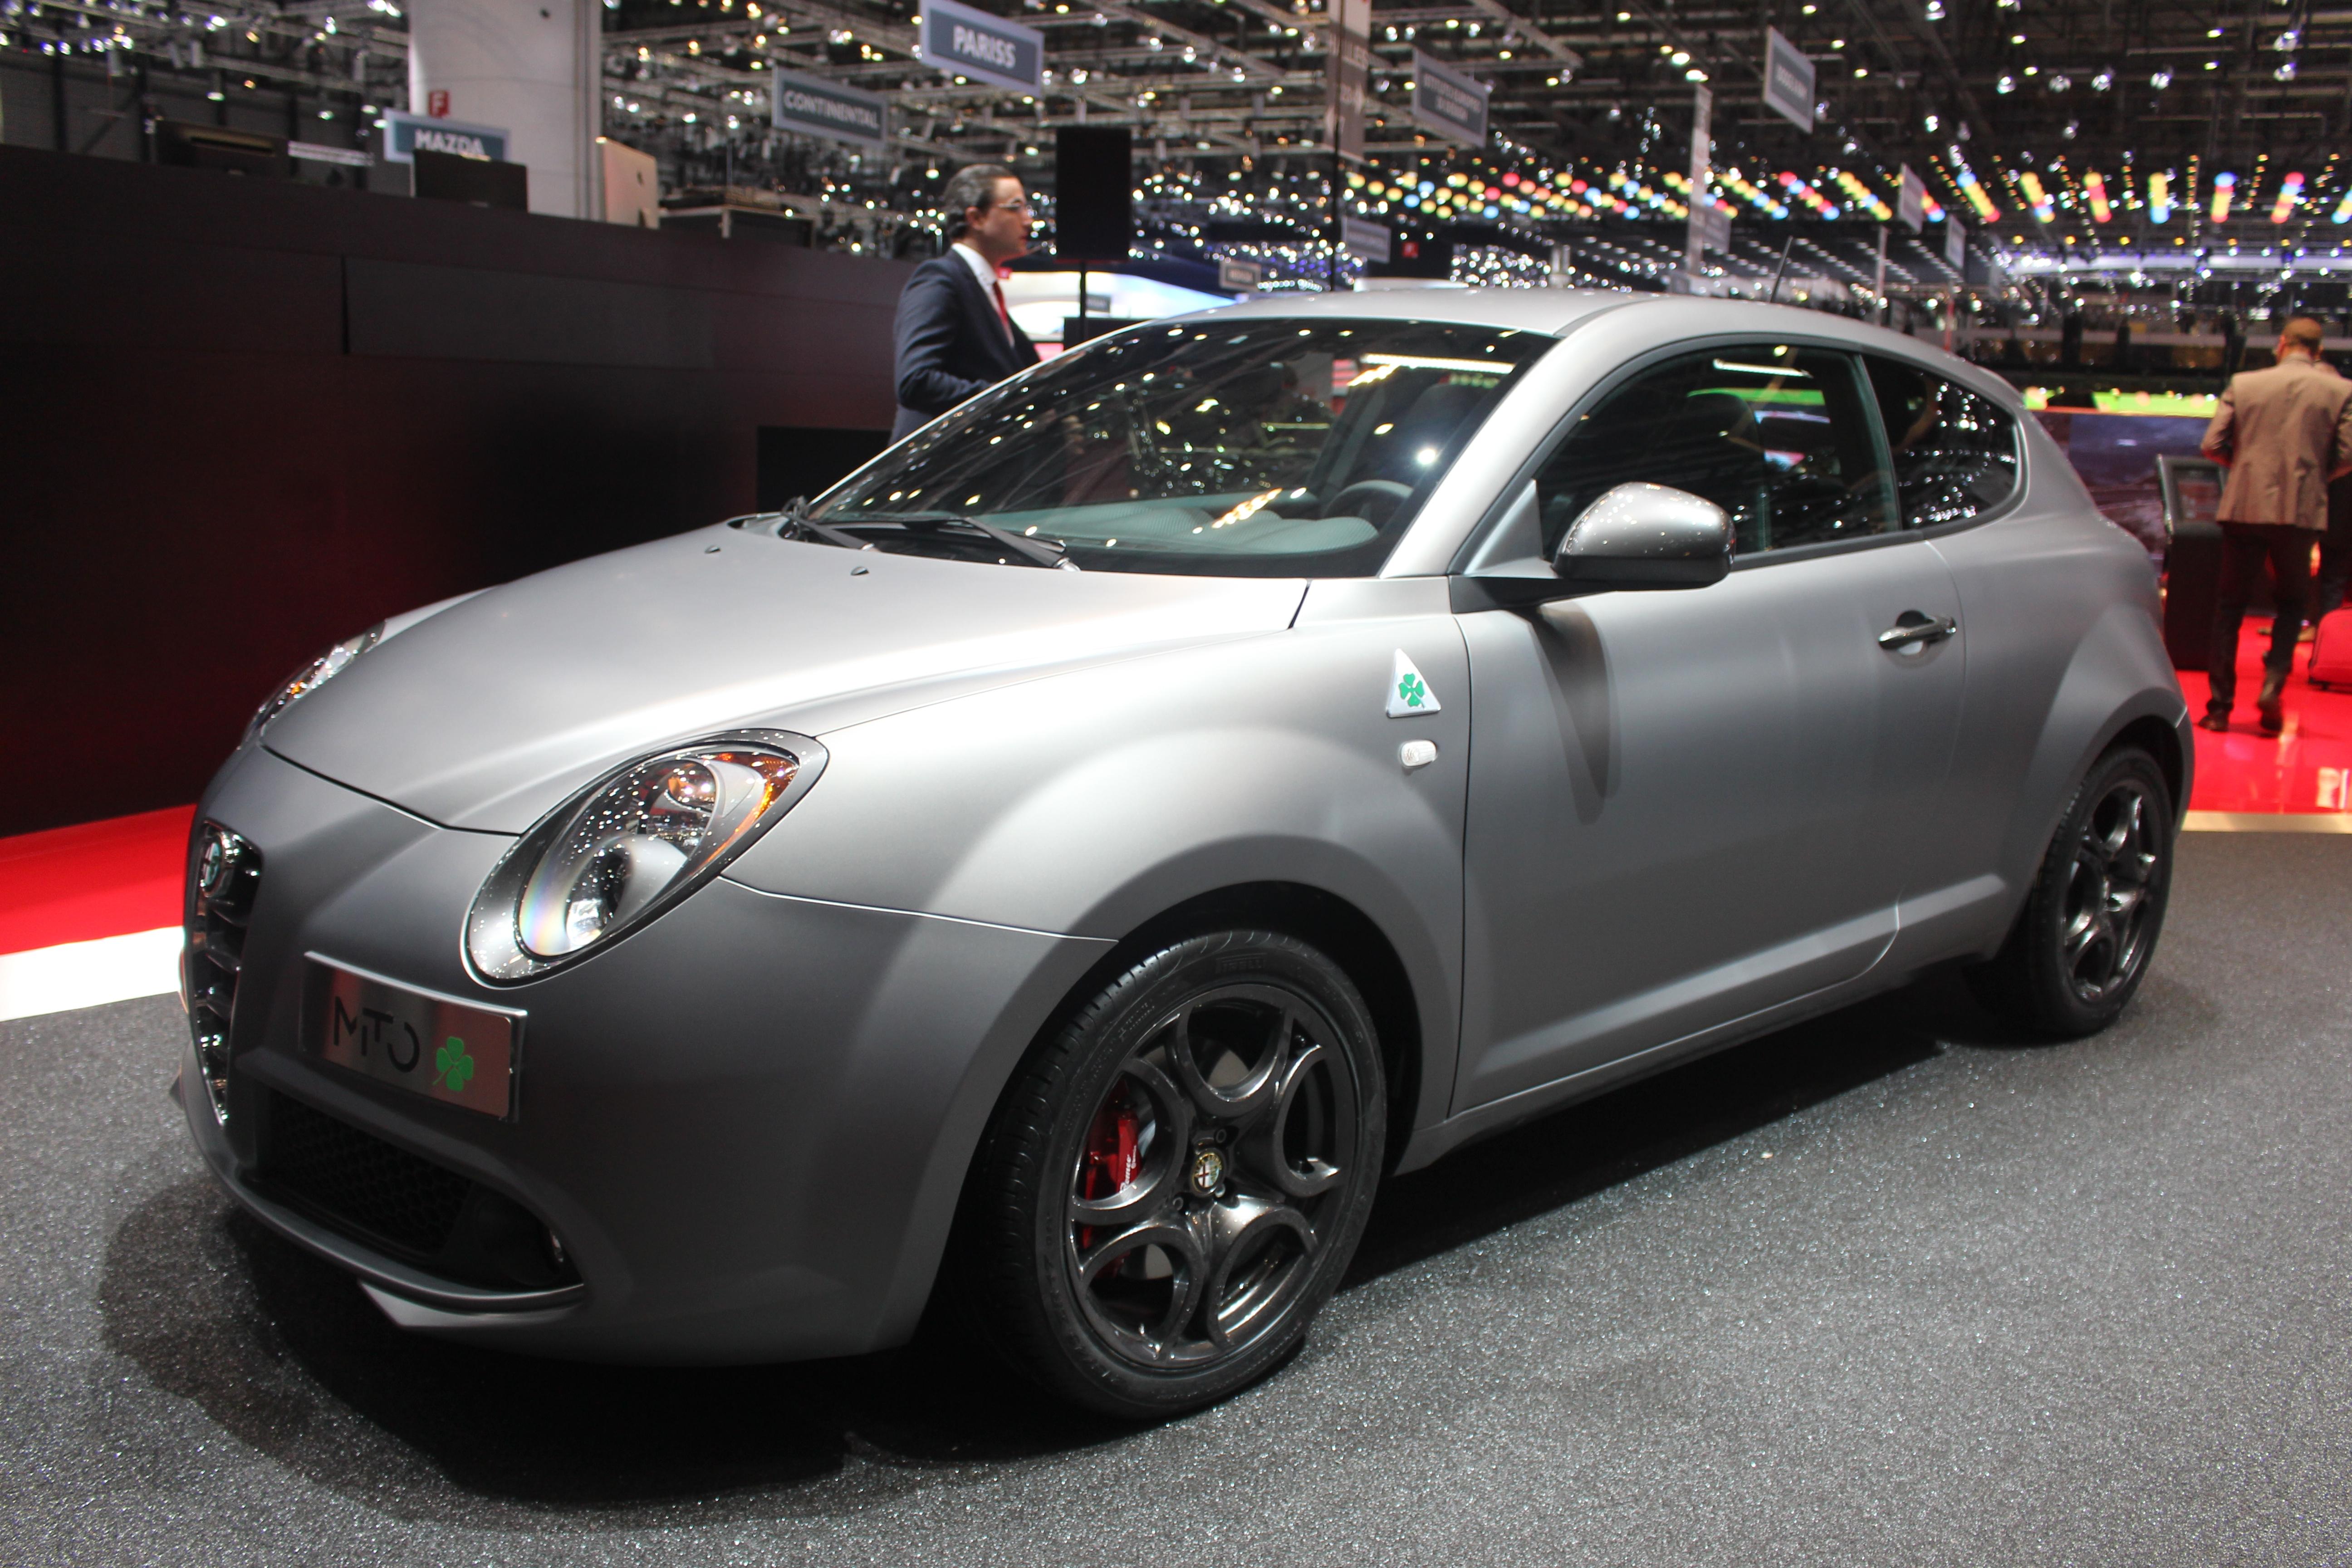 http://images.caradisiac.com/images/2/8/0/8/92808/S0-En-direct-de-Geneve-2014-Alfa-Romeo-Giulietta-et-MiTo-Quadrifoglio-Verde-le-retour-du-trefle-315920.jpg